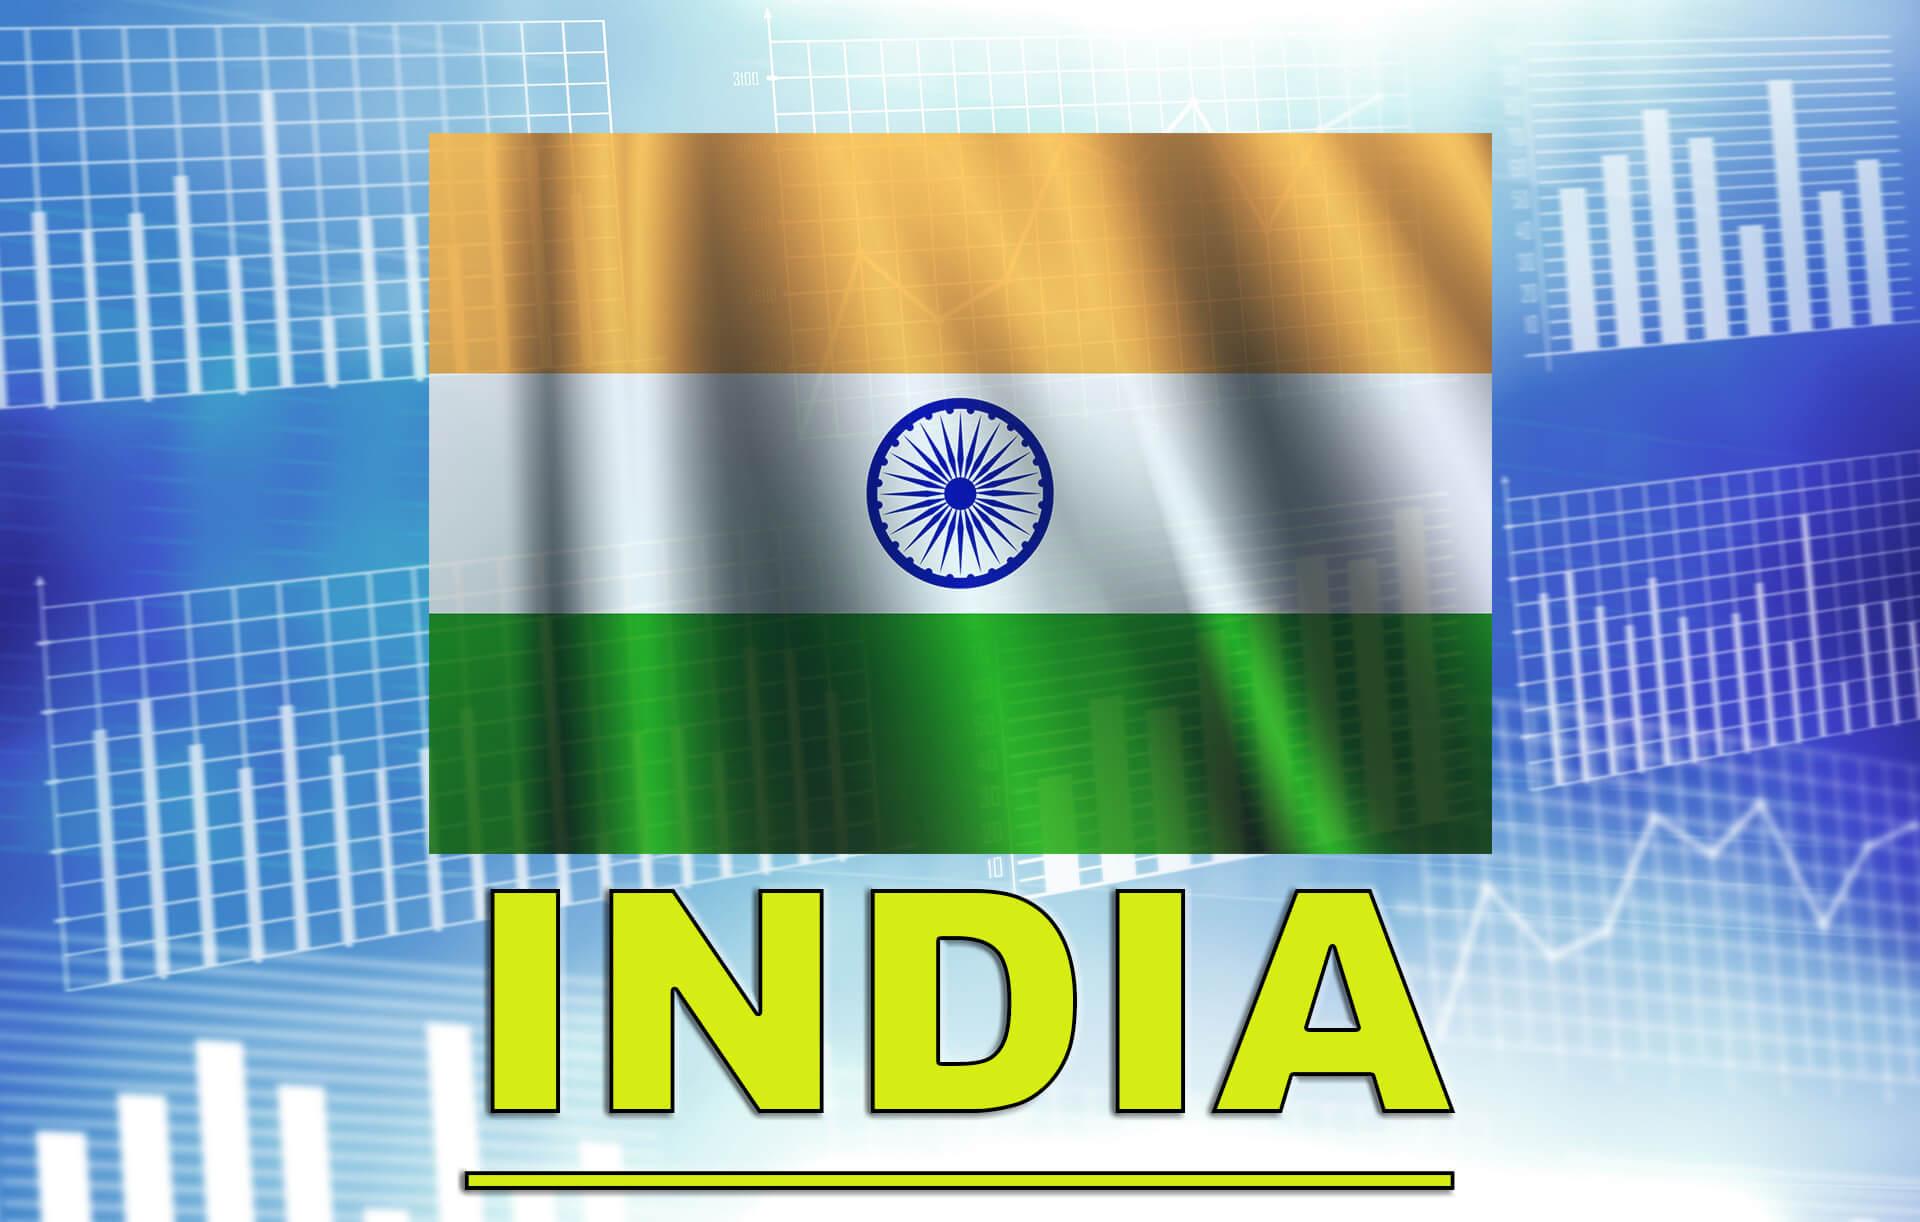 インド_株式市場 (2)